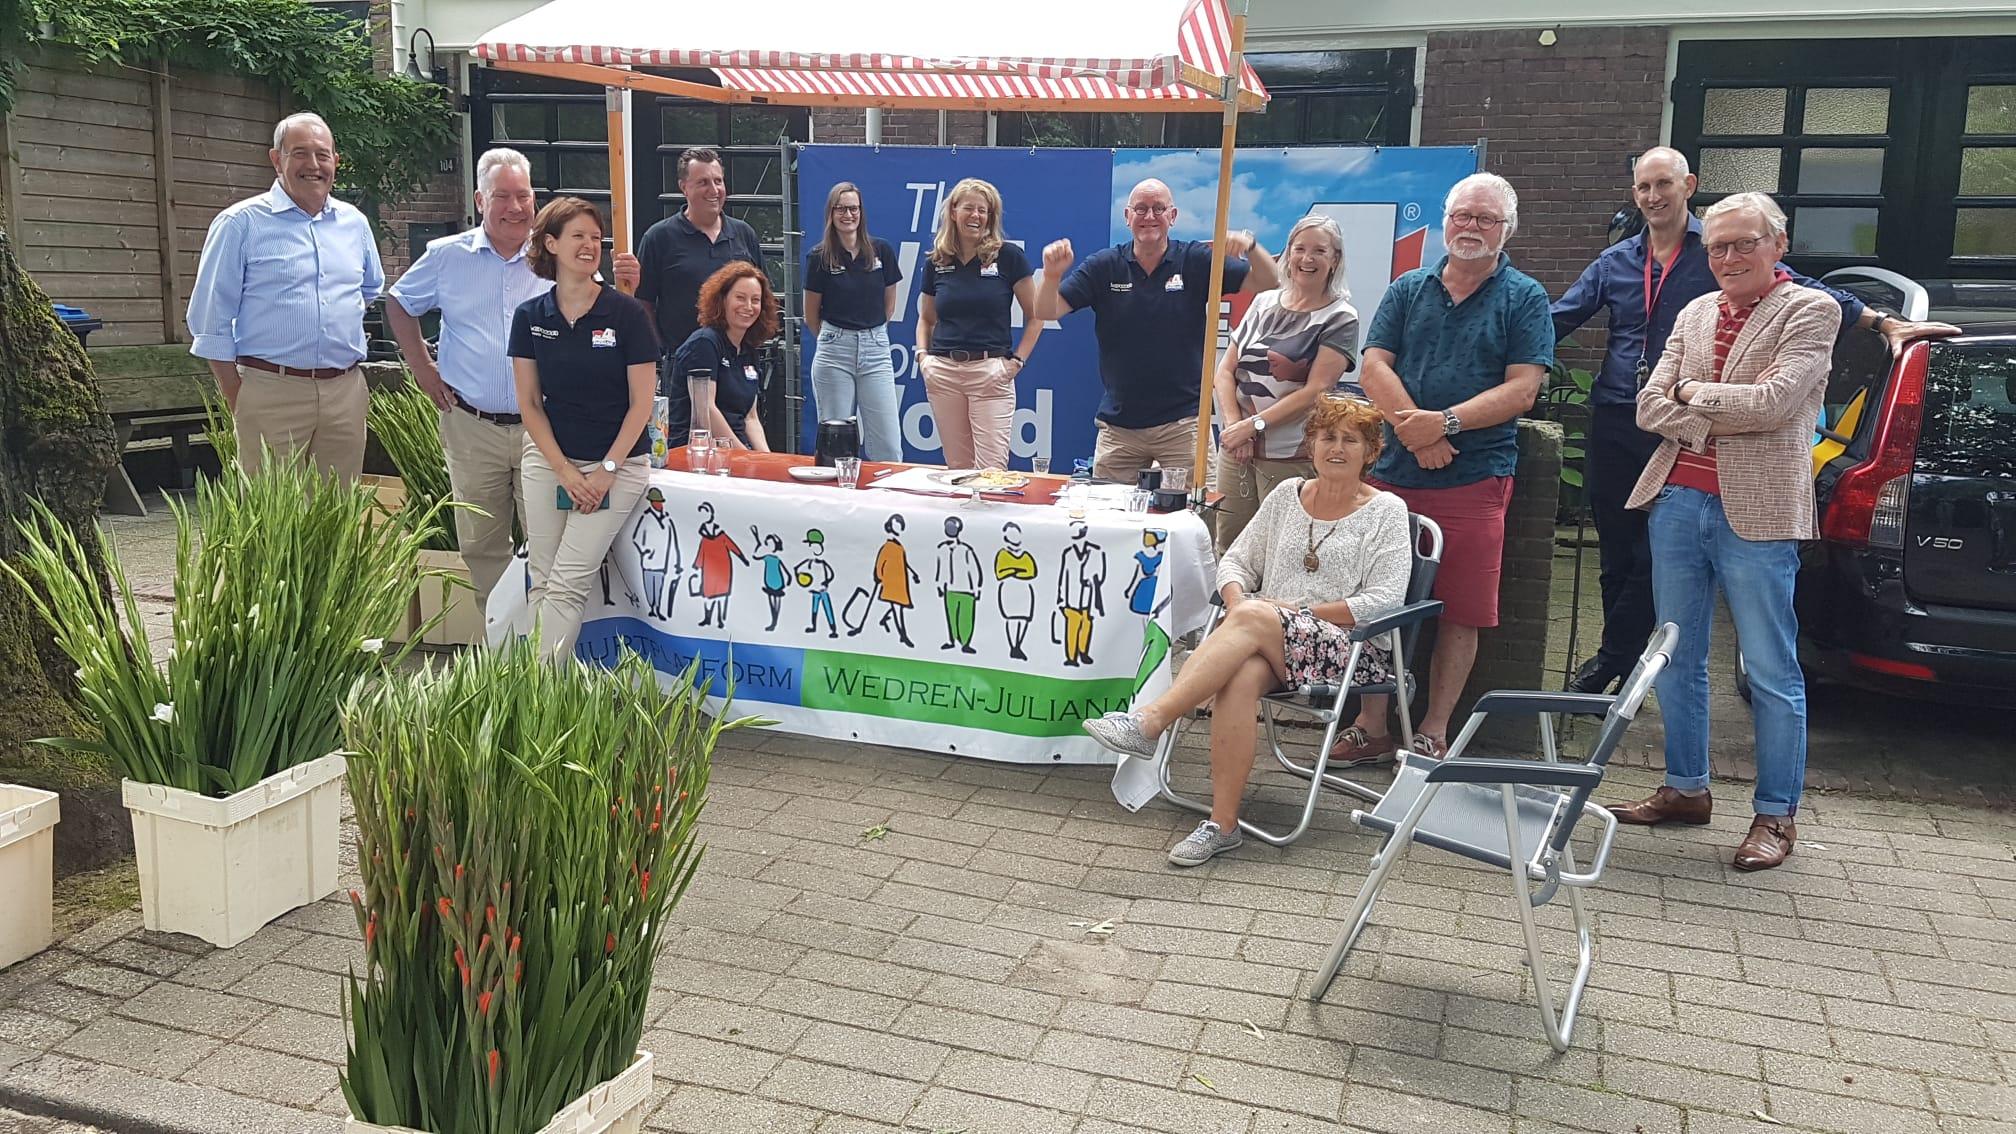 Bestuursleden van het 4-daagse comité en van Buurtplatform Wedren-Julianapark en medewerkers